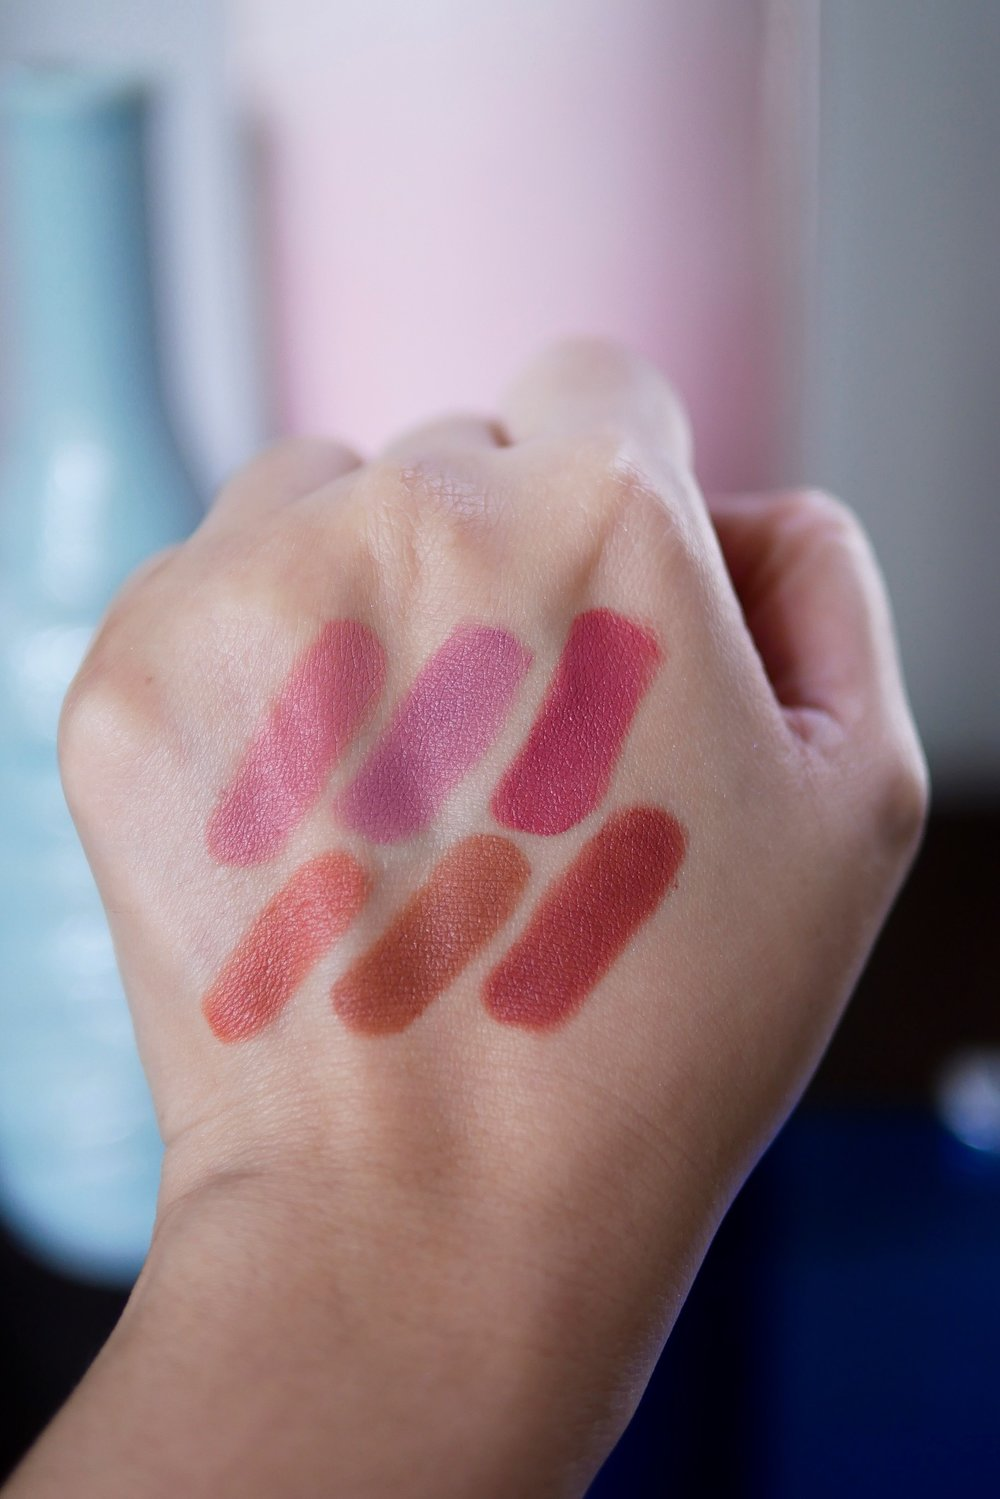 Trope Velvet Matte Lipstick  baris atas dari kiri ke kanan:  No.01 Innate, No.02 Duality, No.03 Peony , dan baris bawah dari kiri ke kanan:  No.04 Flamingo, No.05 Verse 93, No.06 Rosewood .